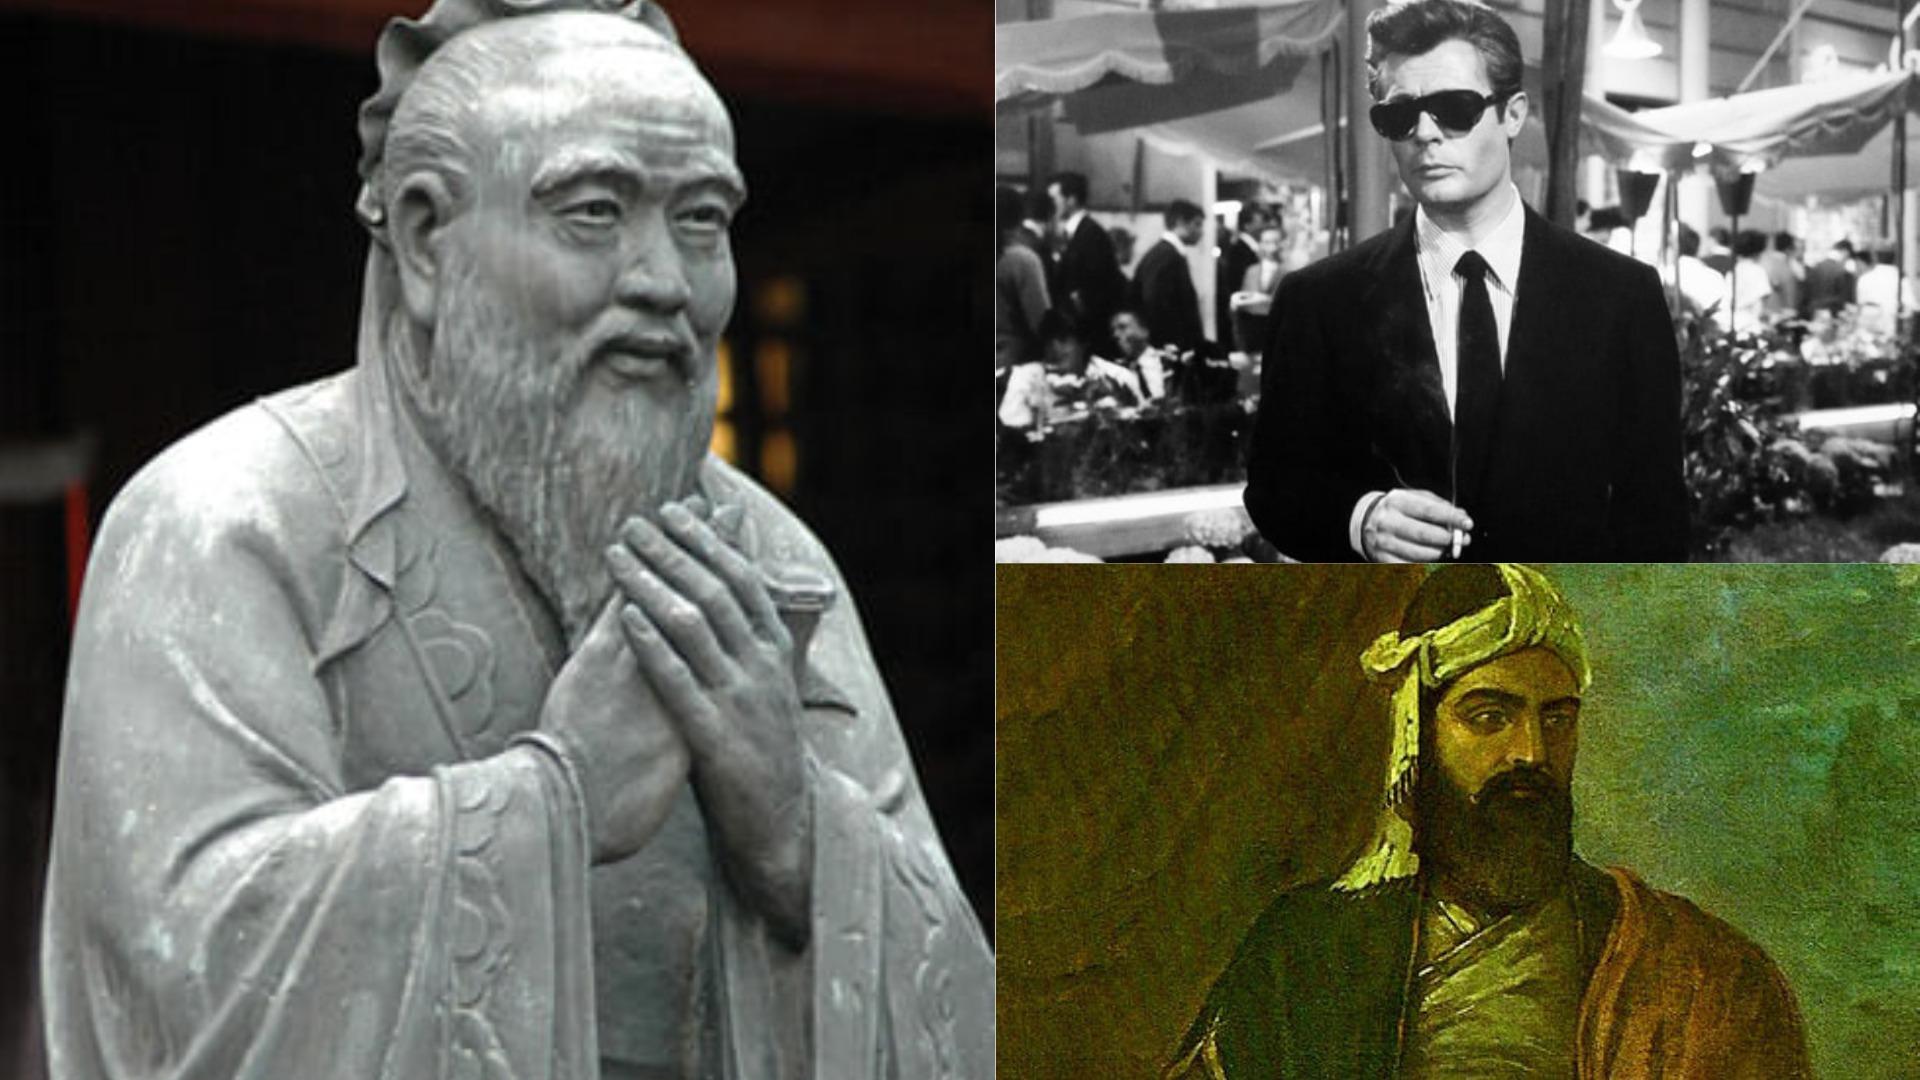 ჩაი ორისთვის - ჩინელი მოაზროვნე და არათეოლოგიური რელიგიის ფუძემდებელი